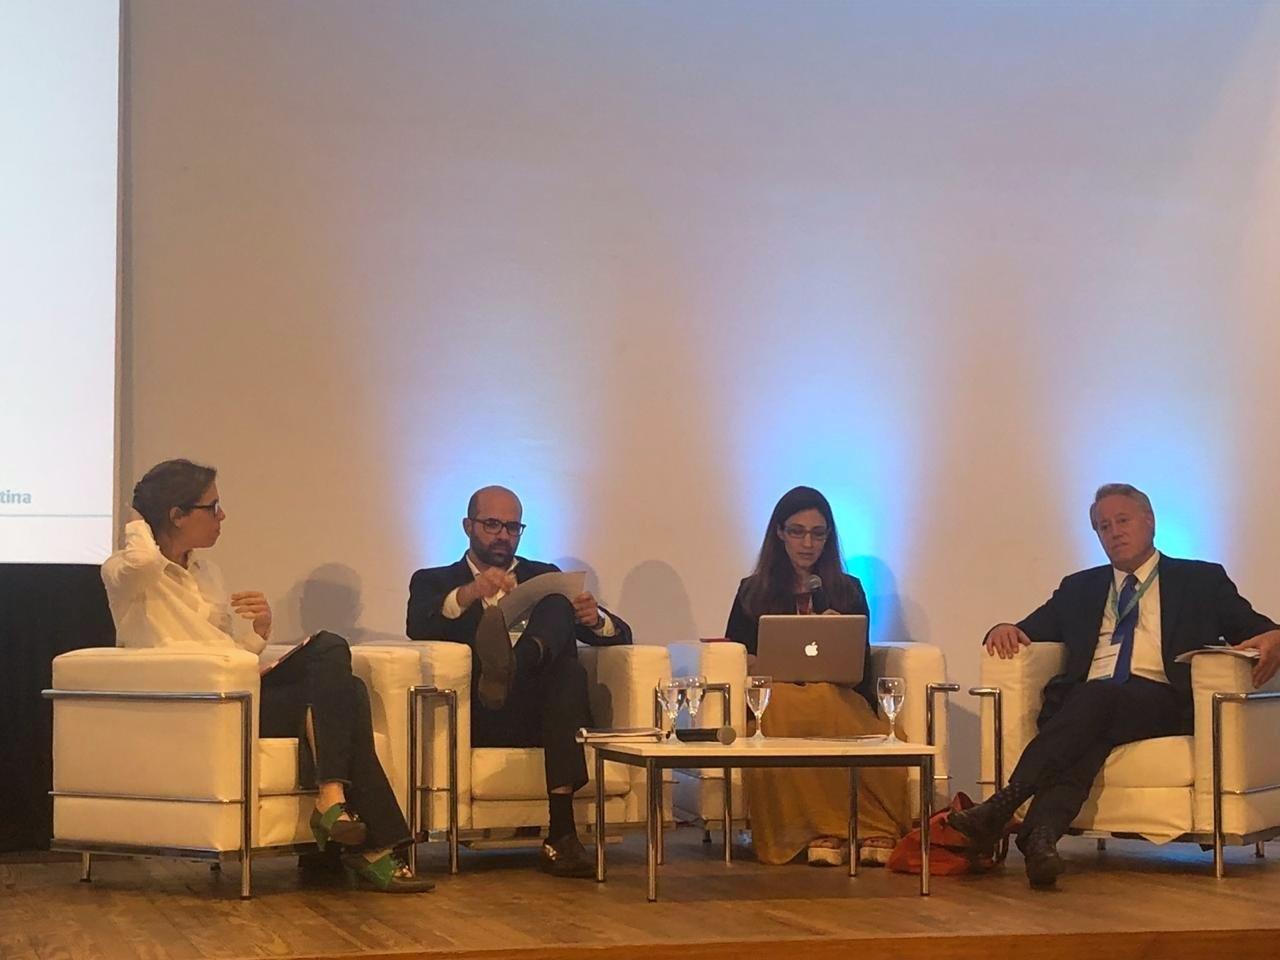 """Laura Alonso, Sebastián López Azumendi, Michael Hershman y Andrea Castagnola, en el evento """"Hacia una agenda de integridad en empresas públicas para los próximos años"""" realizado en el marco de la Cumbre del T20"""